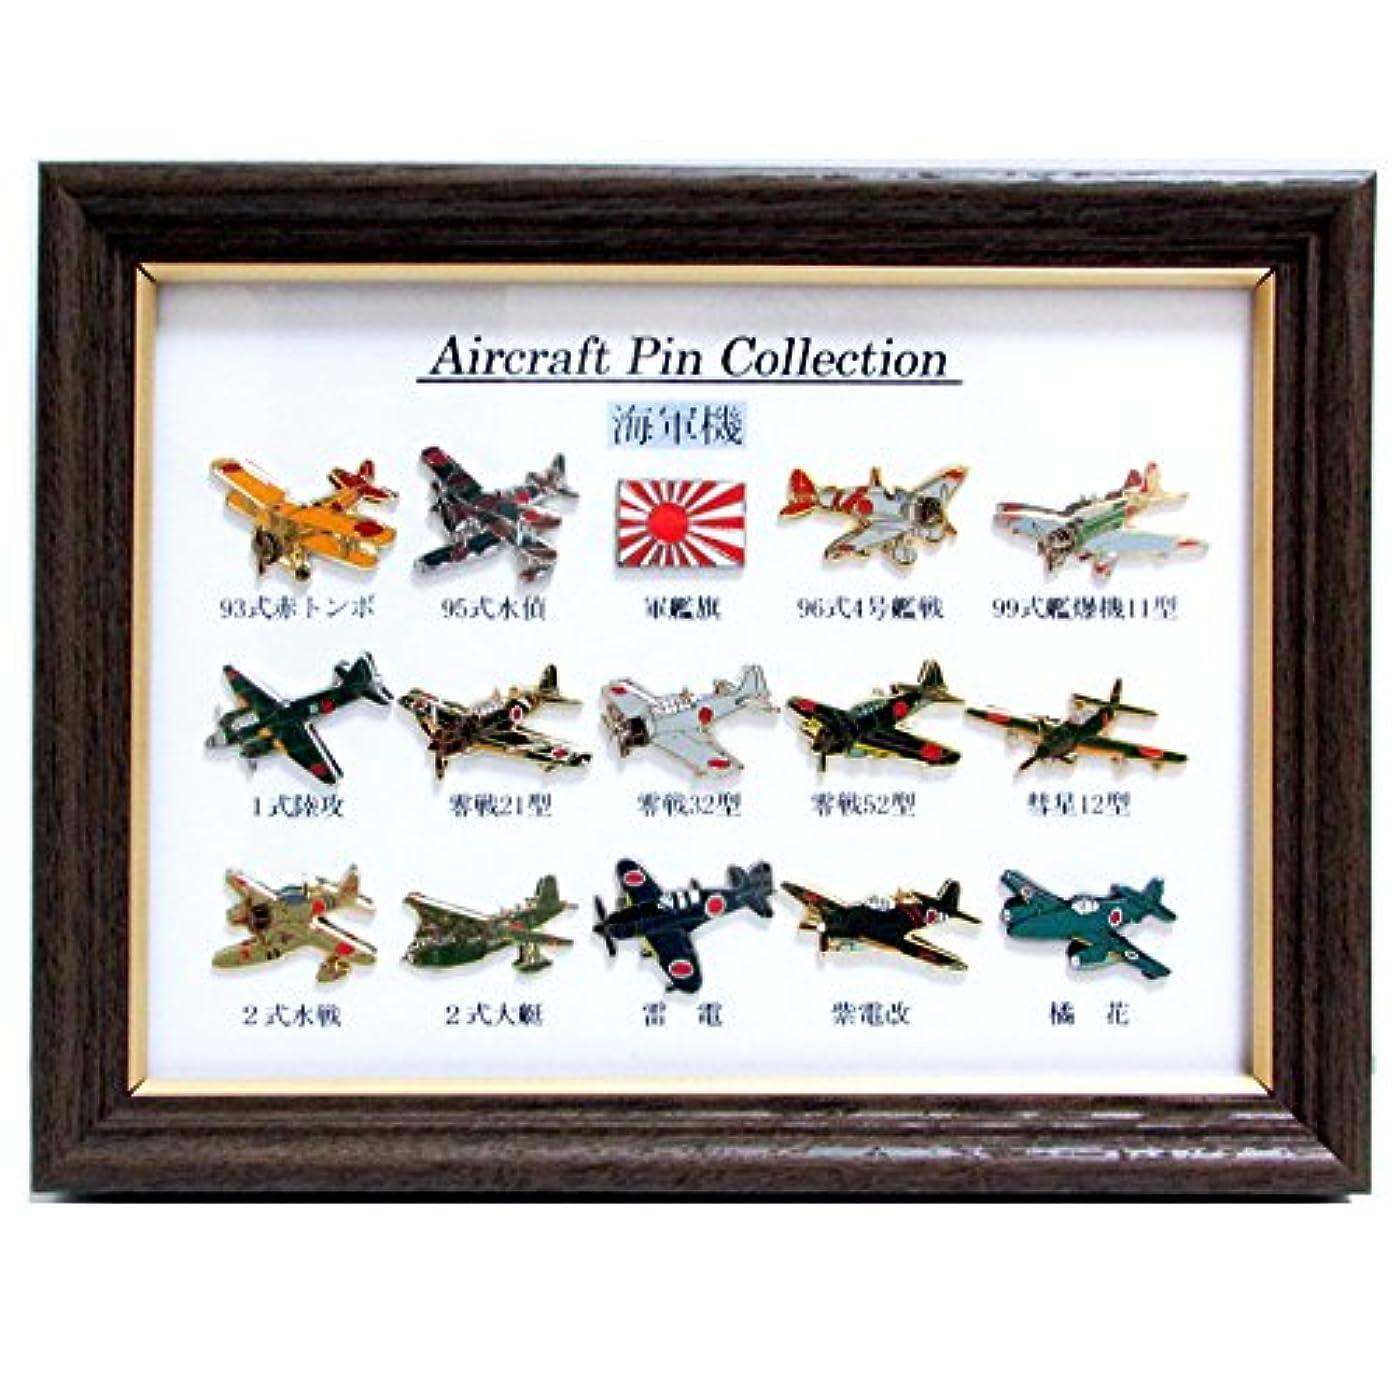 議題繁栄招待旧日本海軍グッズ ピンズ ピンバッジ 額入り Pin Collection 海軍機